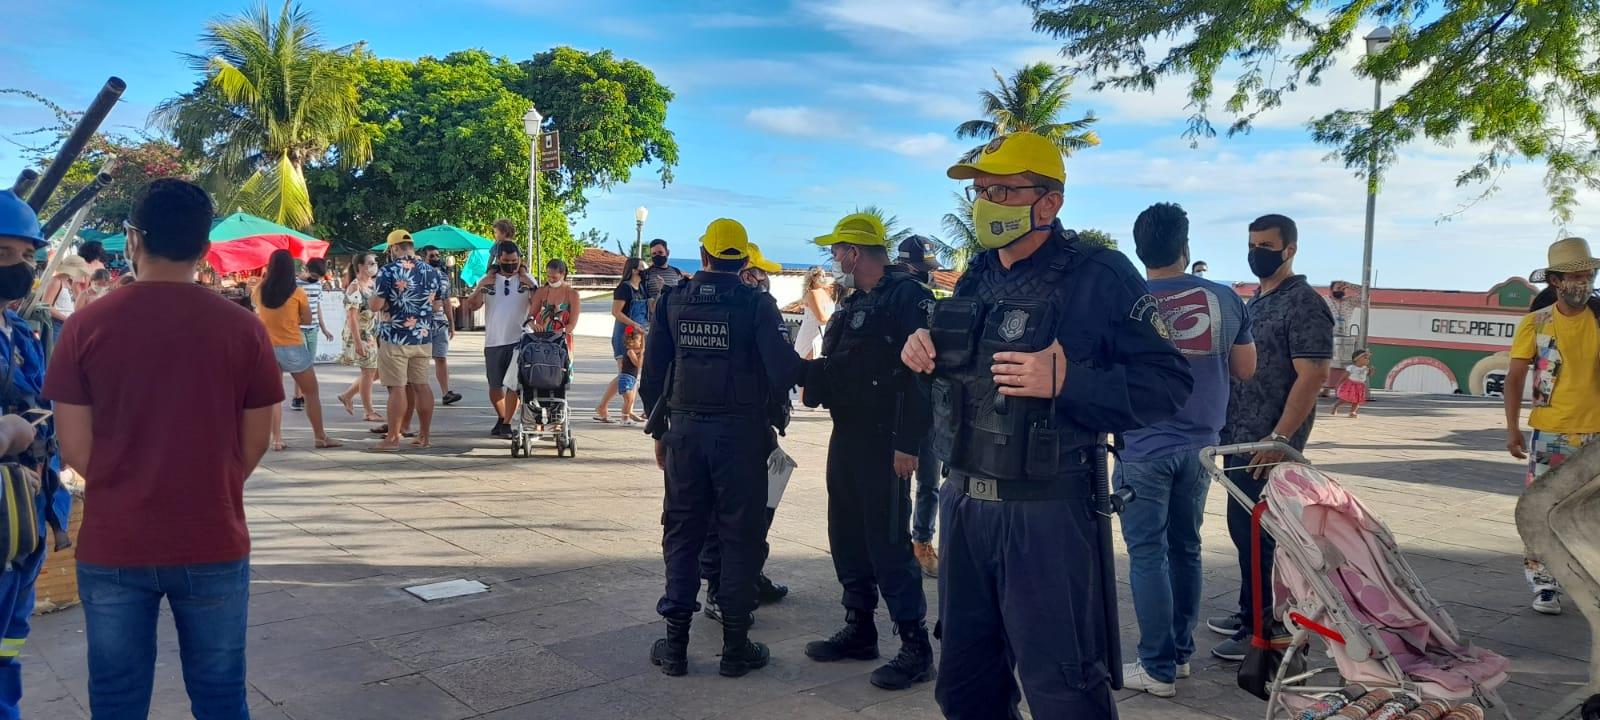 (Foto: Divulgação/ Olinda)